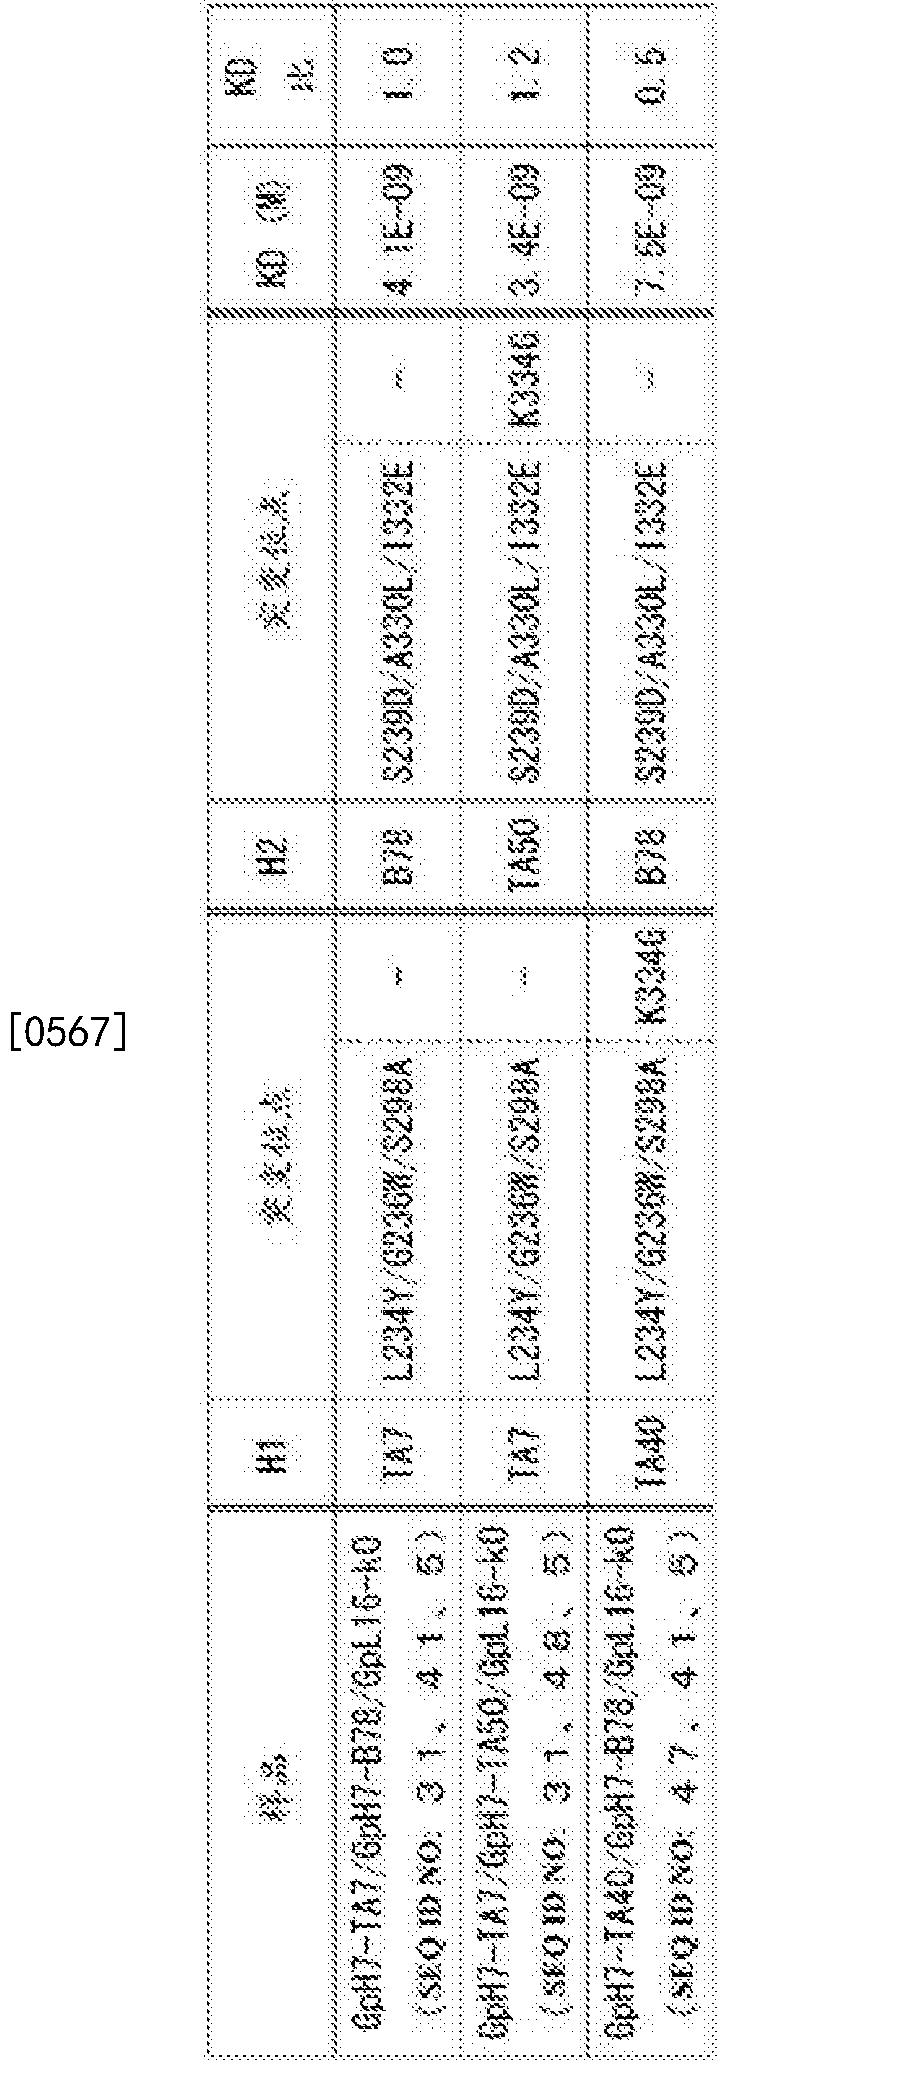 Figure CN105102618BD00871